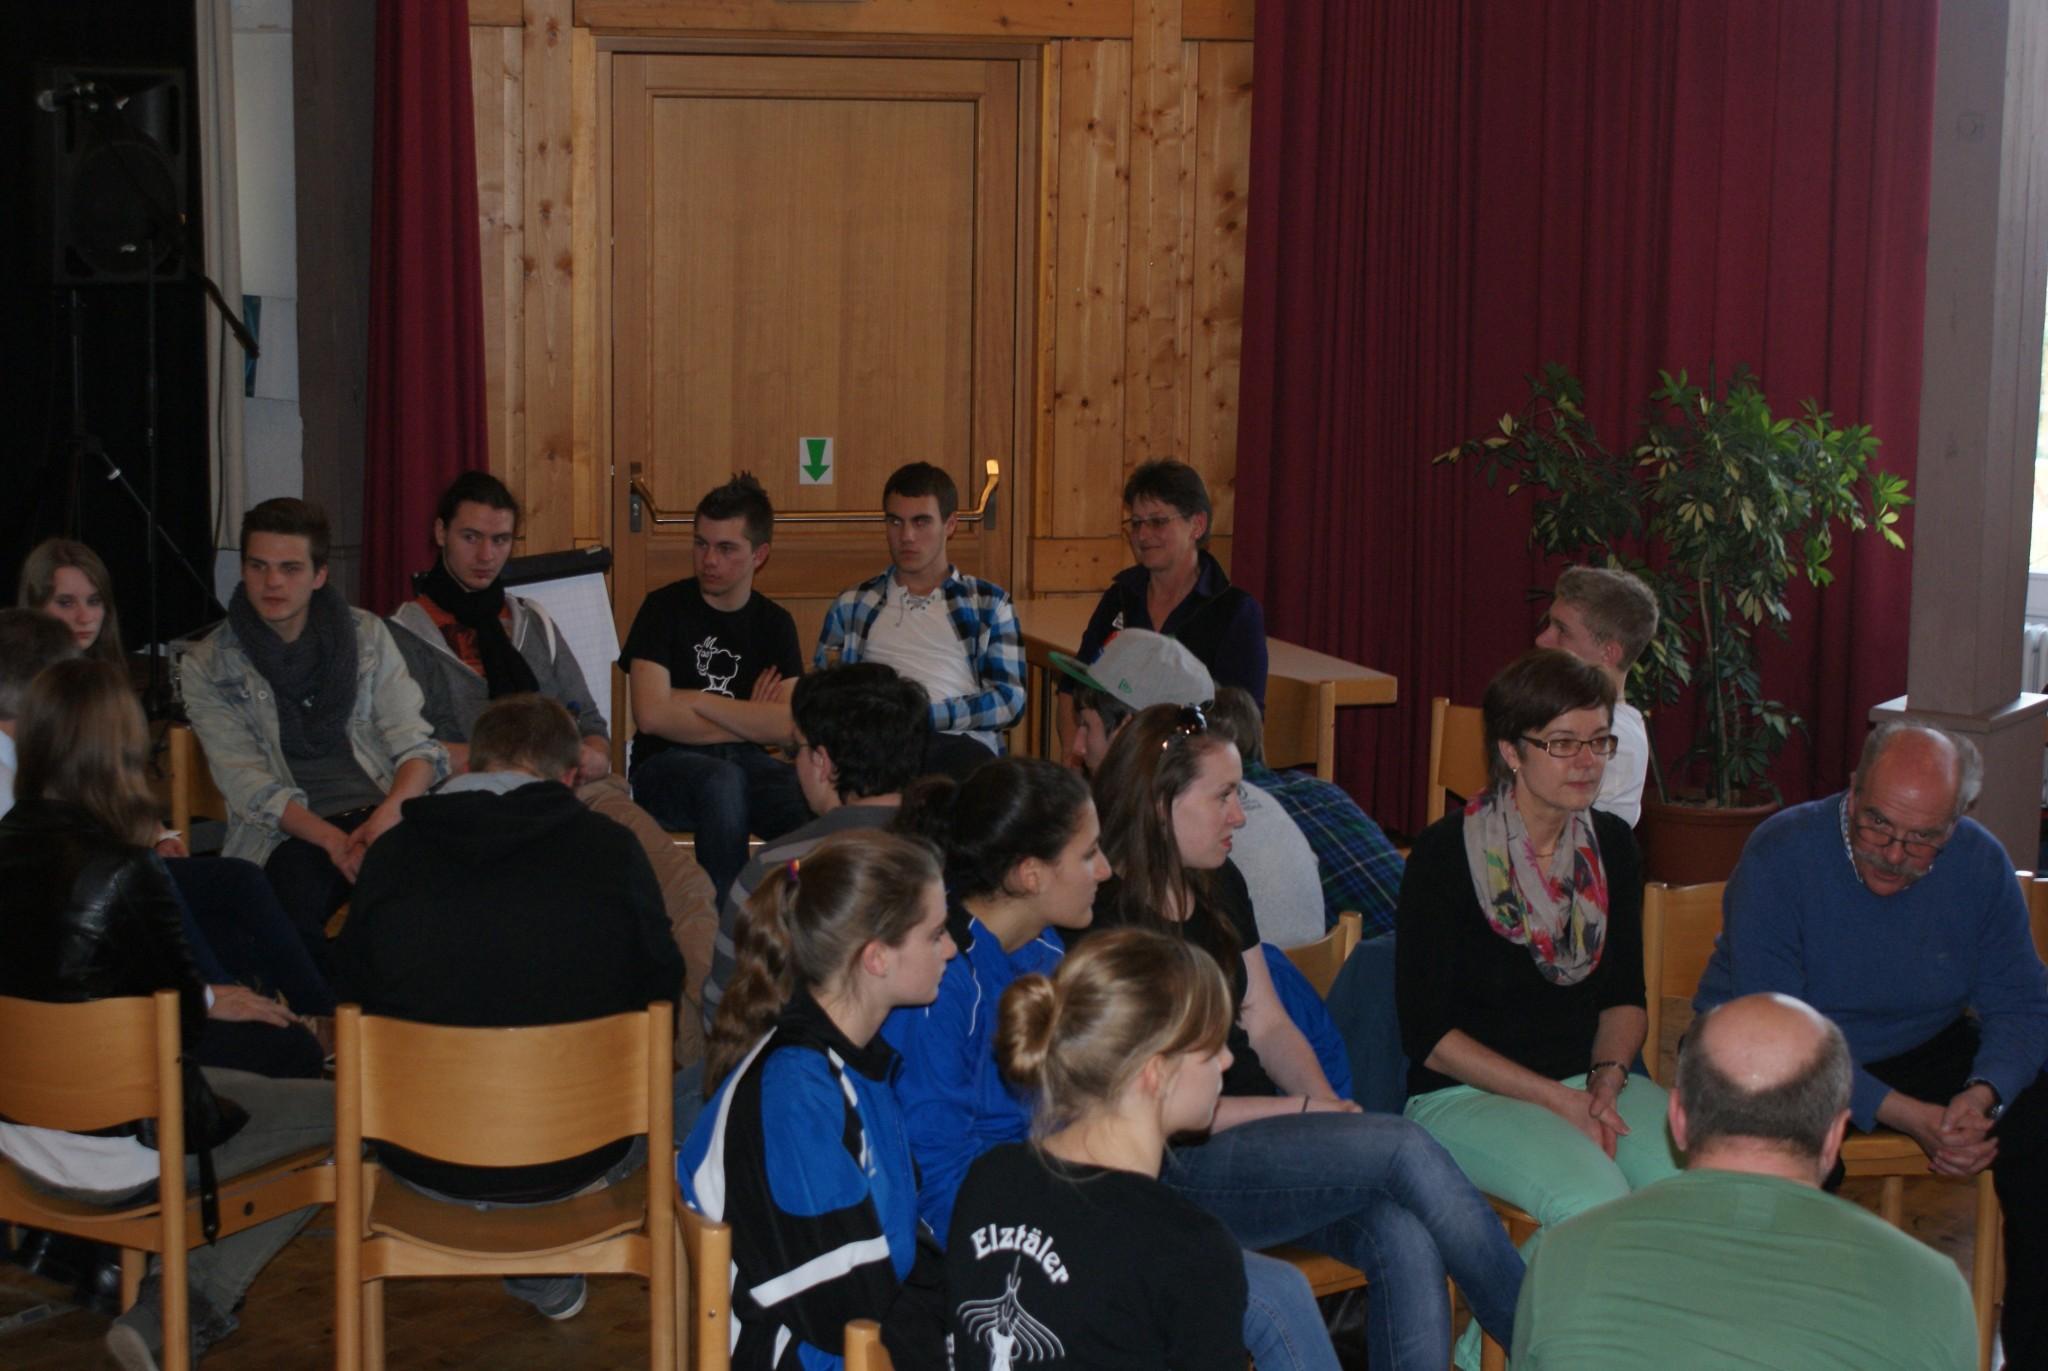 Jugendforum im Rahmen des LEADER - Projekts